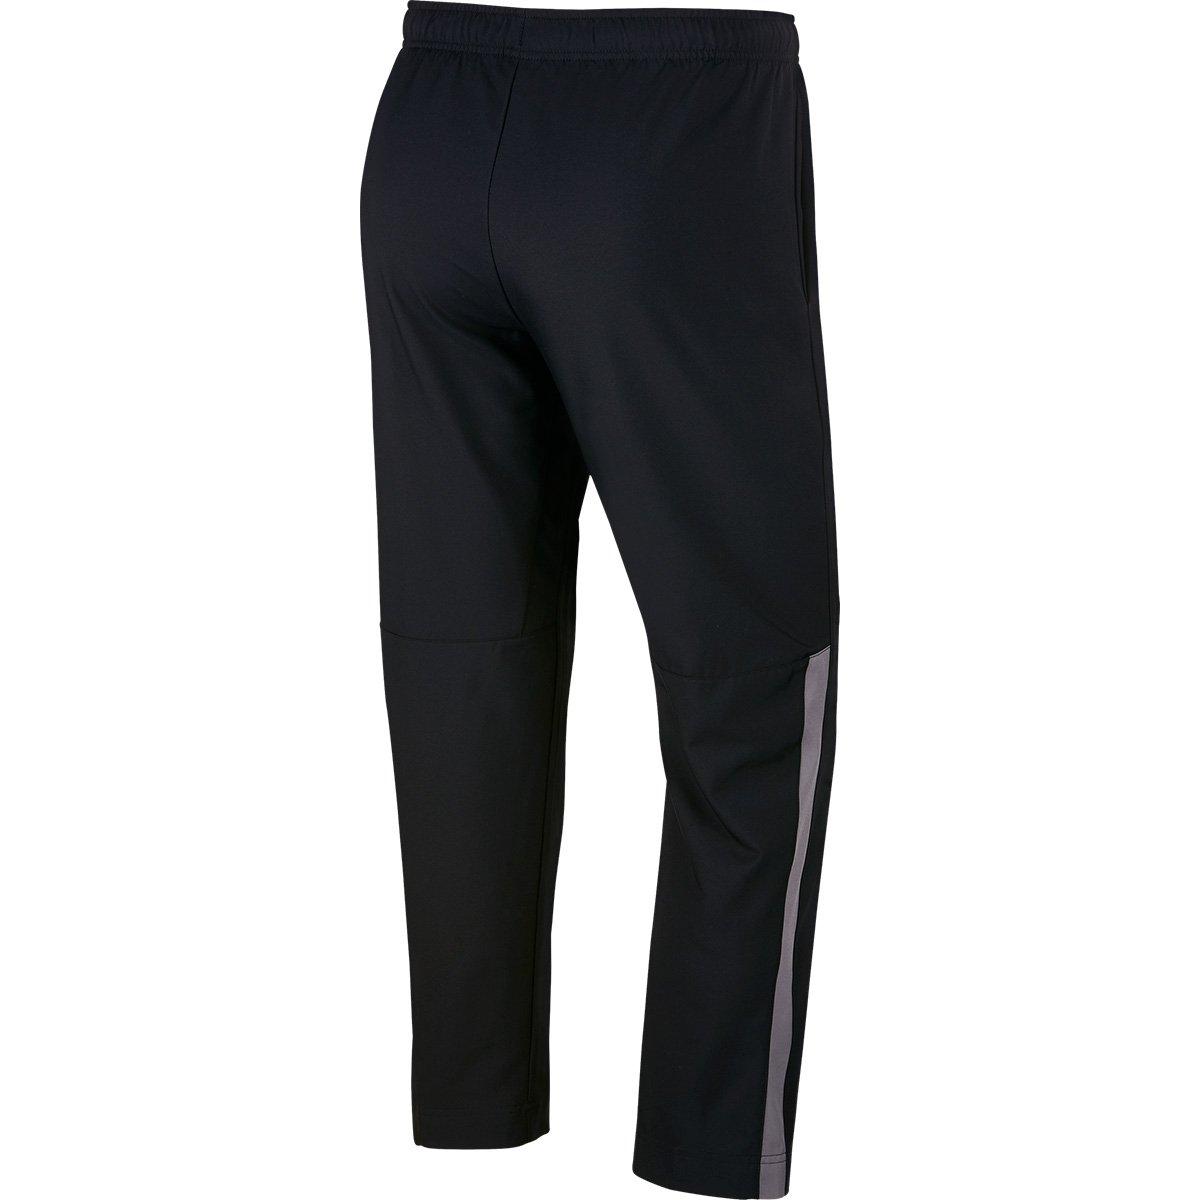 Calça Nike Dry Team Woven Masculina - Preto e Cinza - Compre Agora ... 9093e4e03acb0